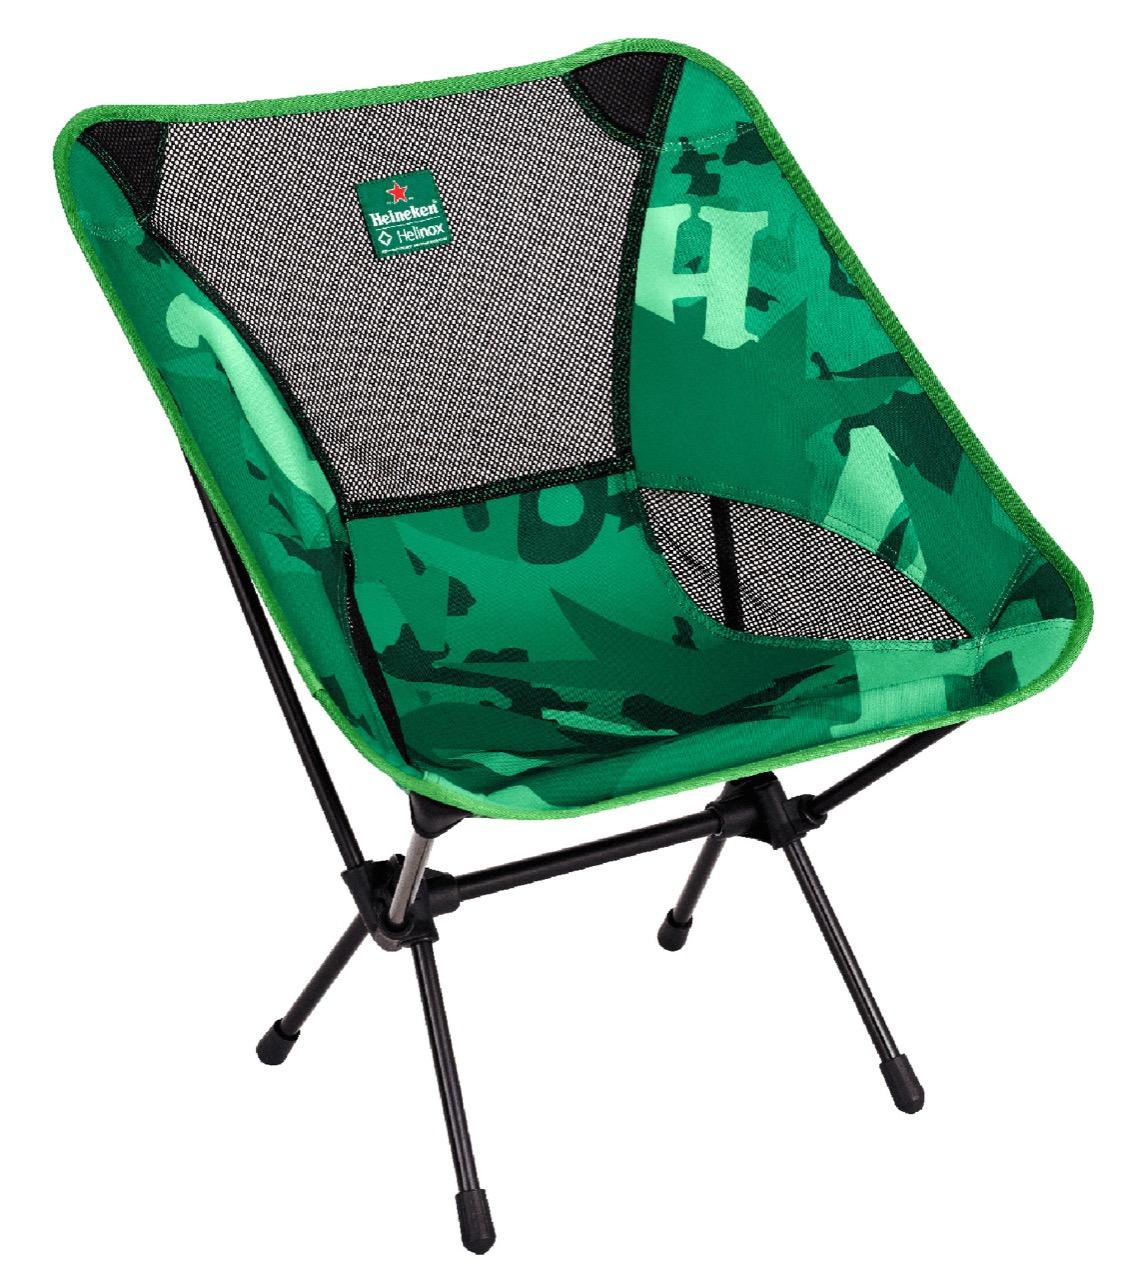 【產品資料照】heineken X Helinox Chair One 聯名輕量露營椅 1